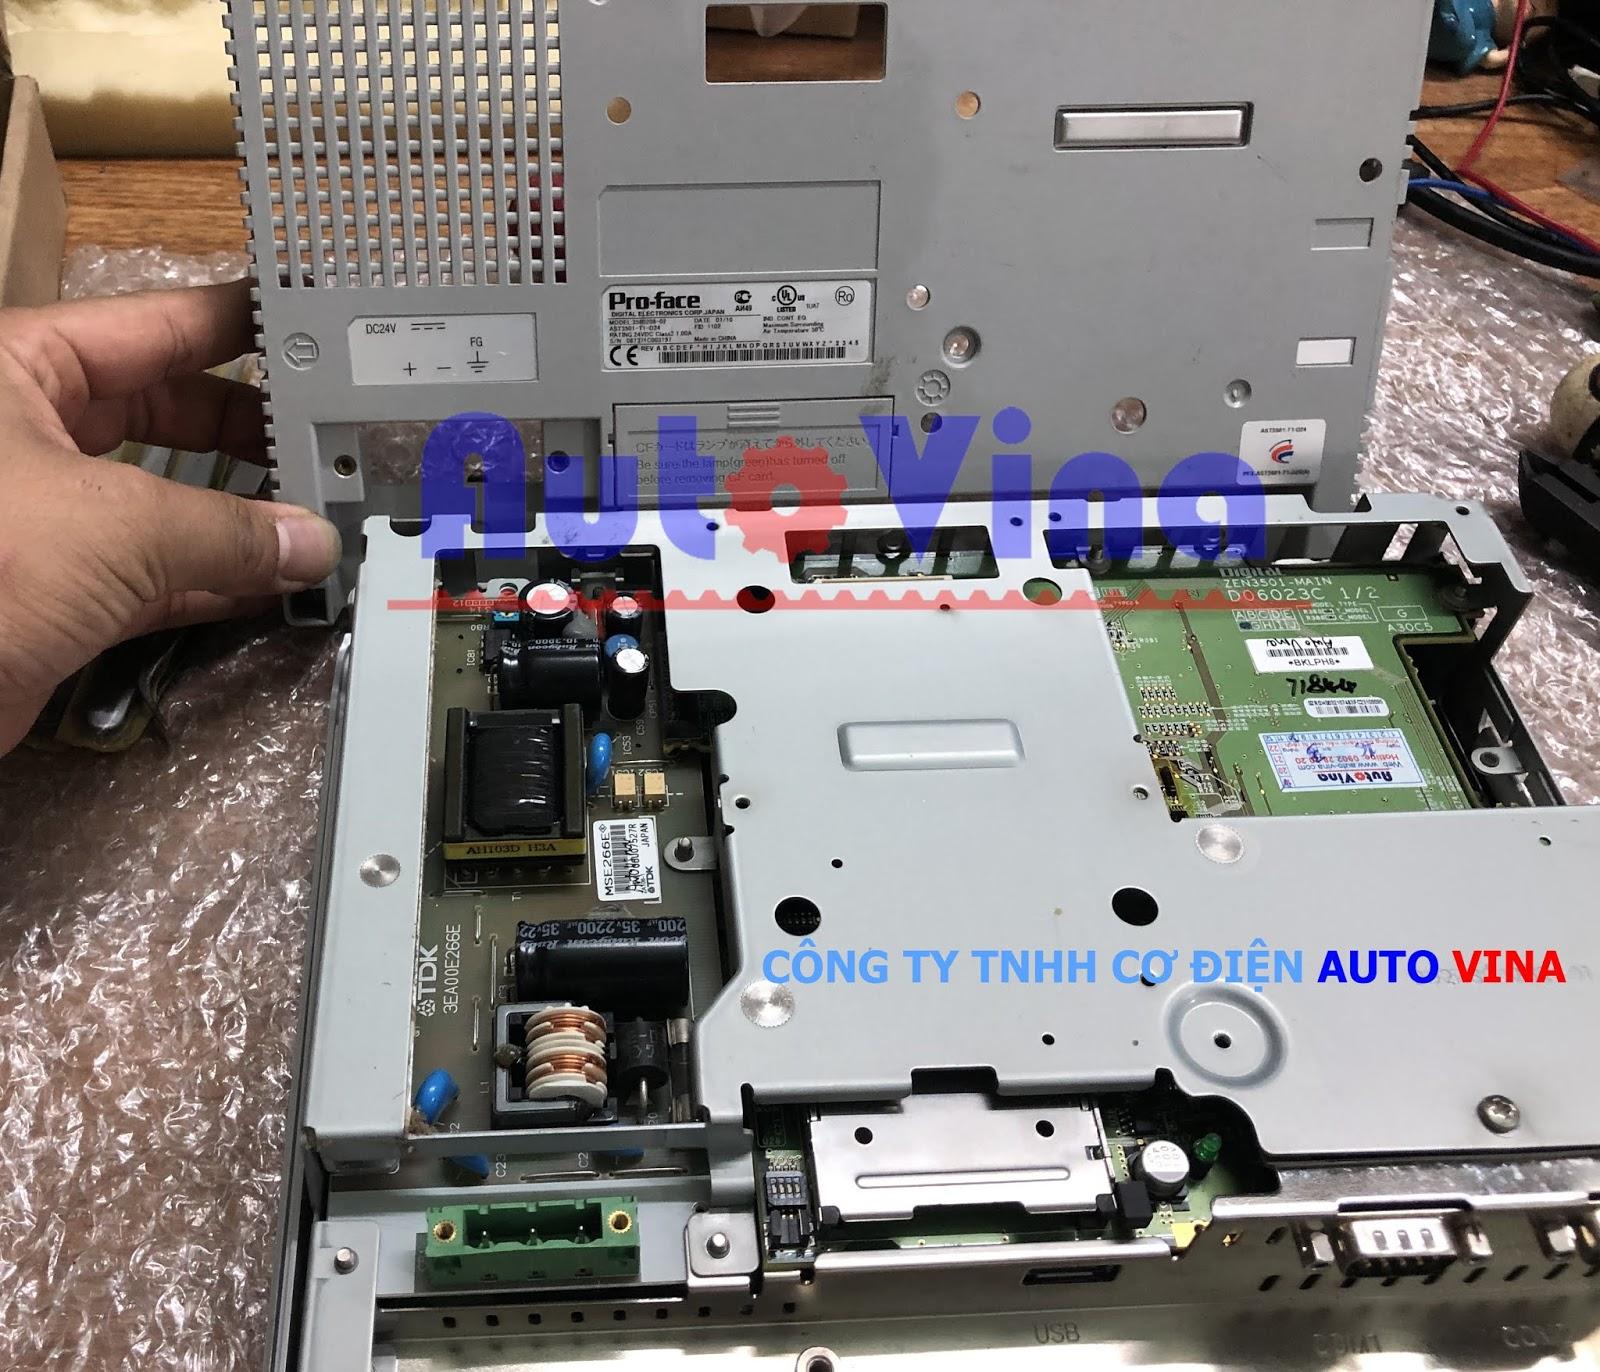 Sửa màn hình cảm ứng HMI Proface AST3501-T1-D24 không lên nguồn